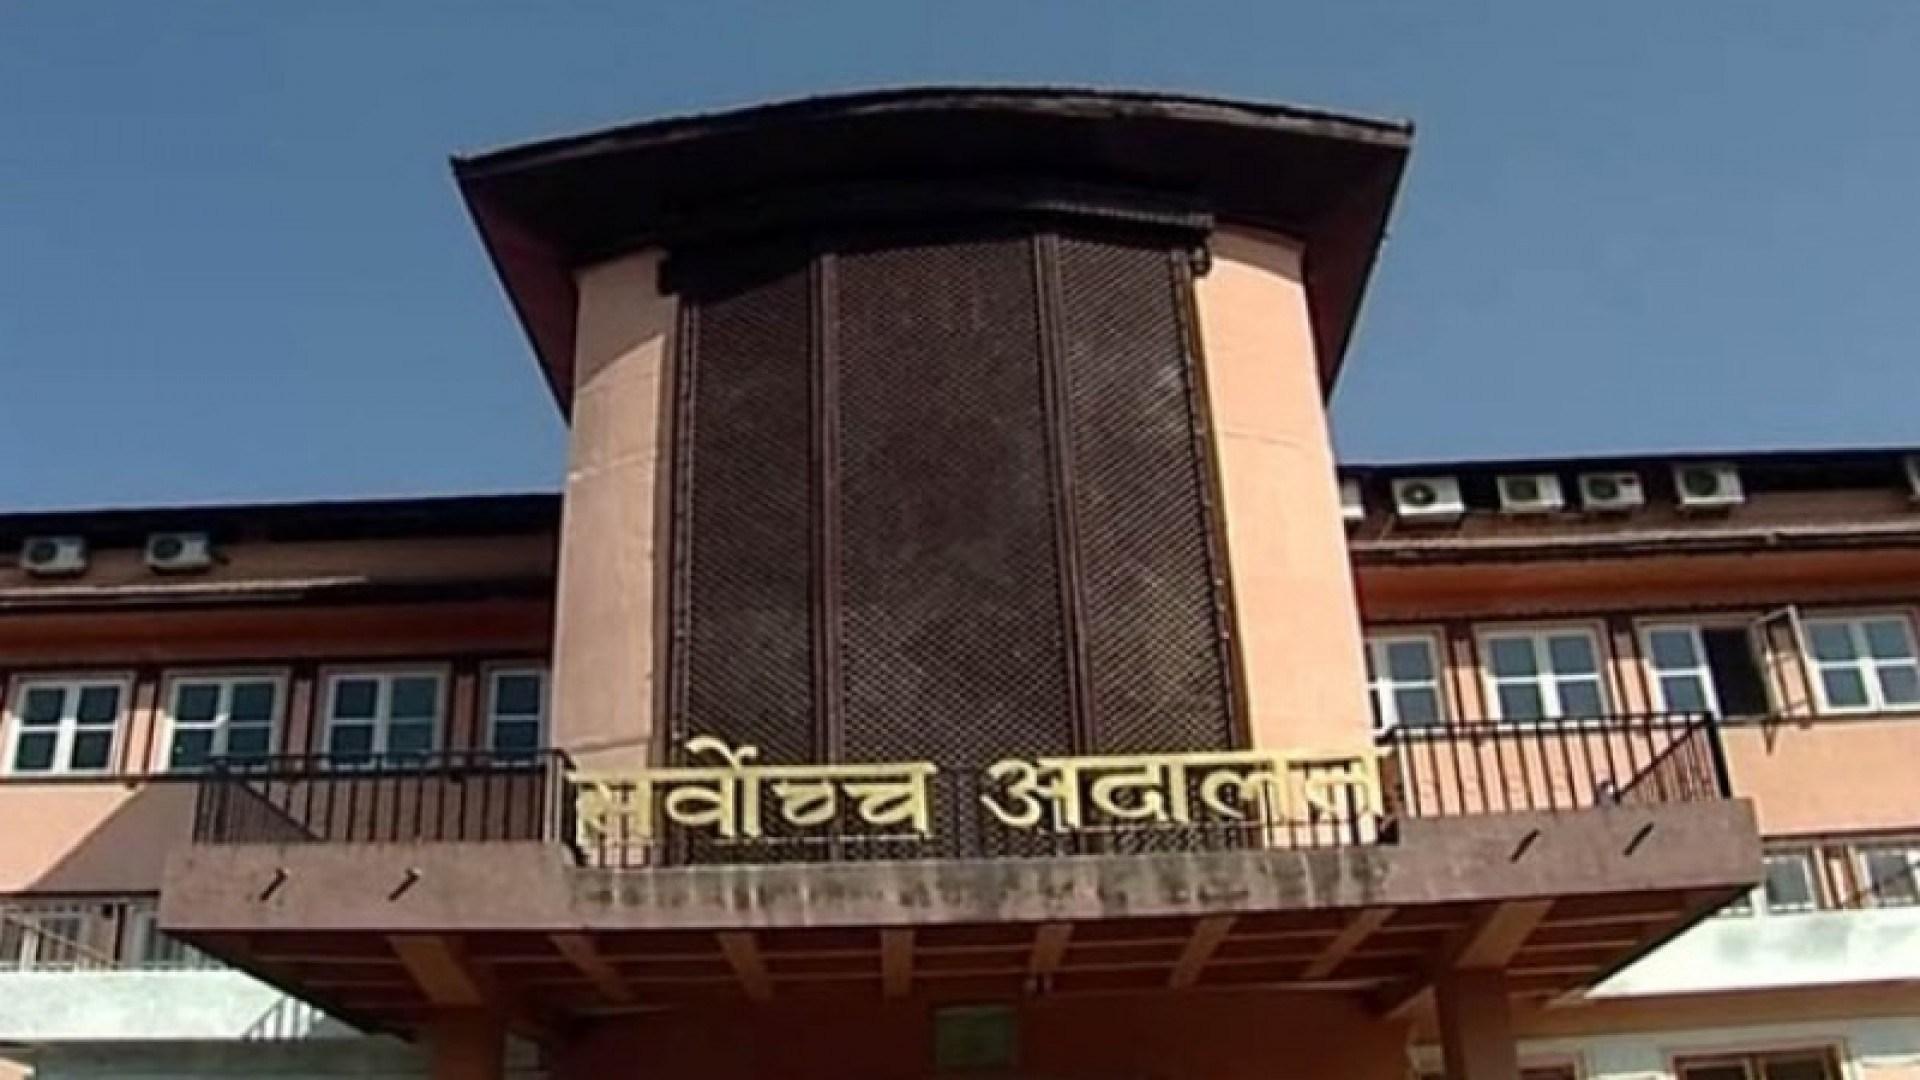 नेकपाका नेता वामदेव गौतम राष्ट्रिय सभा सदस्य मनाेनयन बिरुद्ध सर्वोच्च अदालतमा रिट